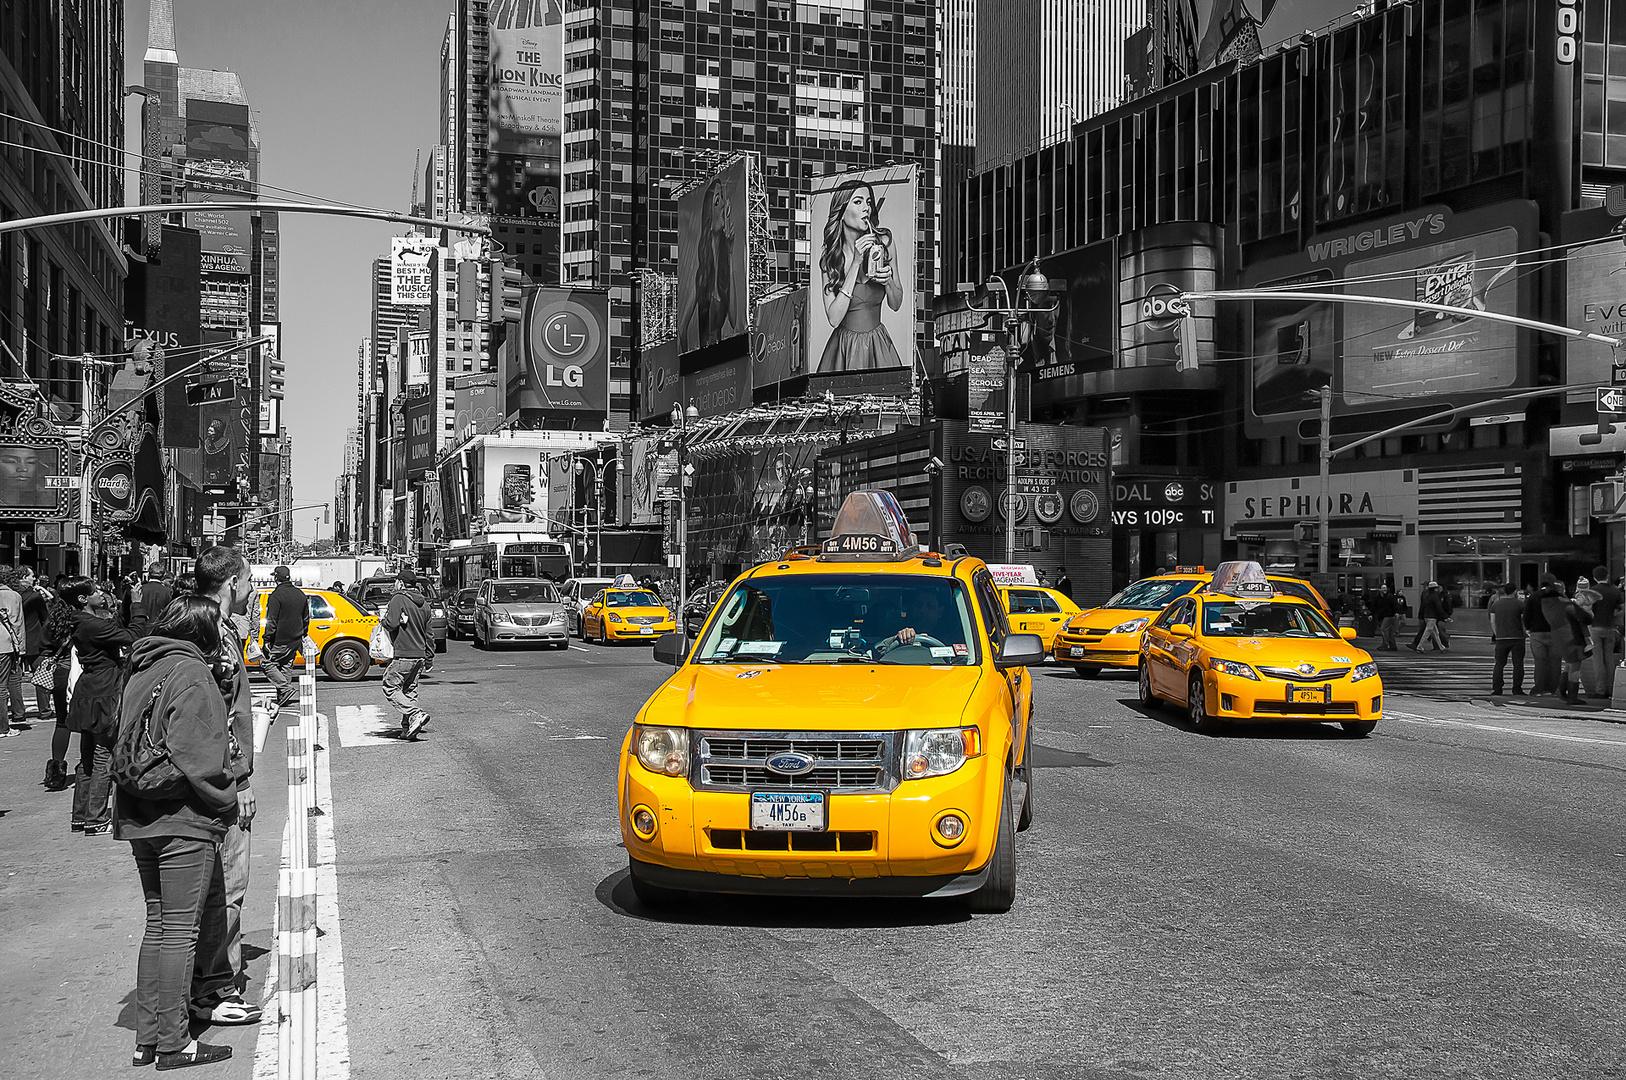 Taxi, Taxi, ...